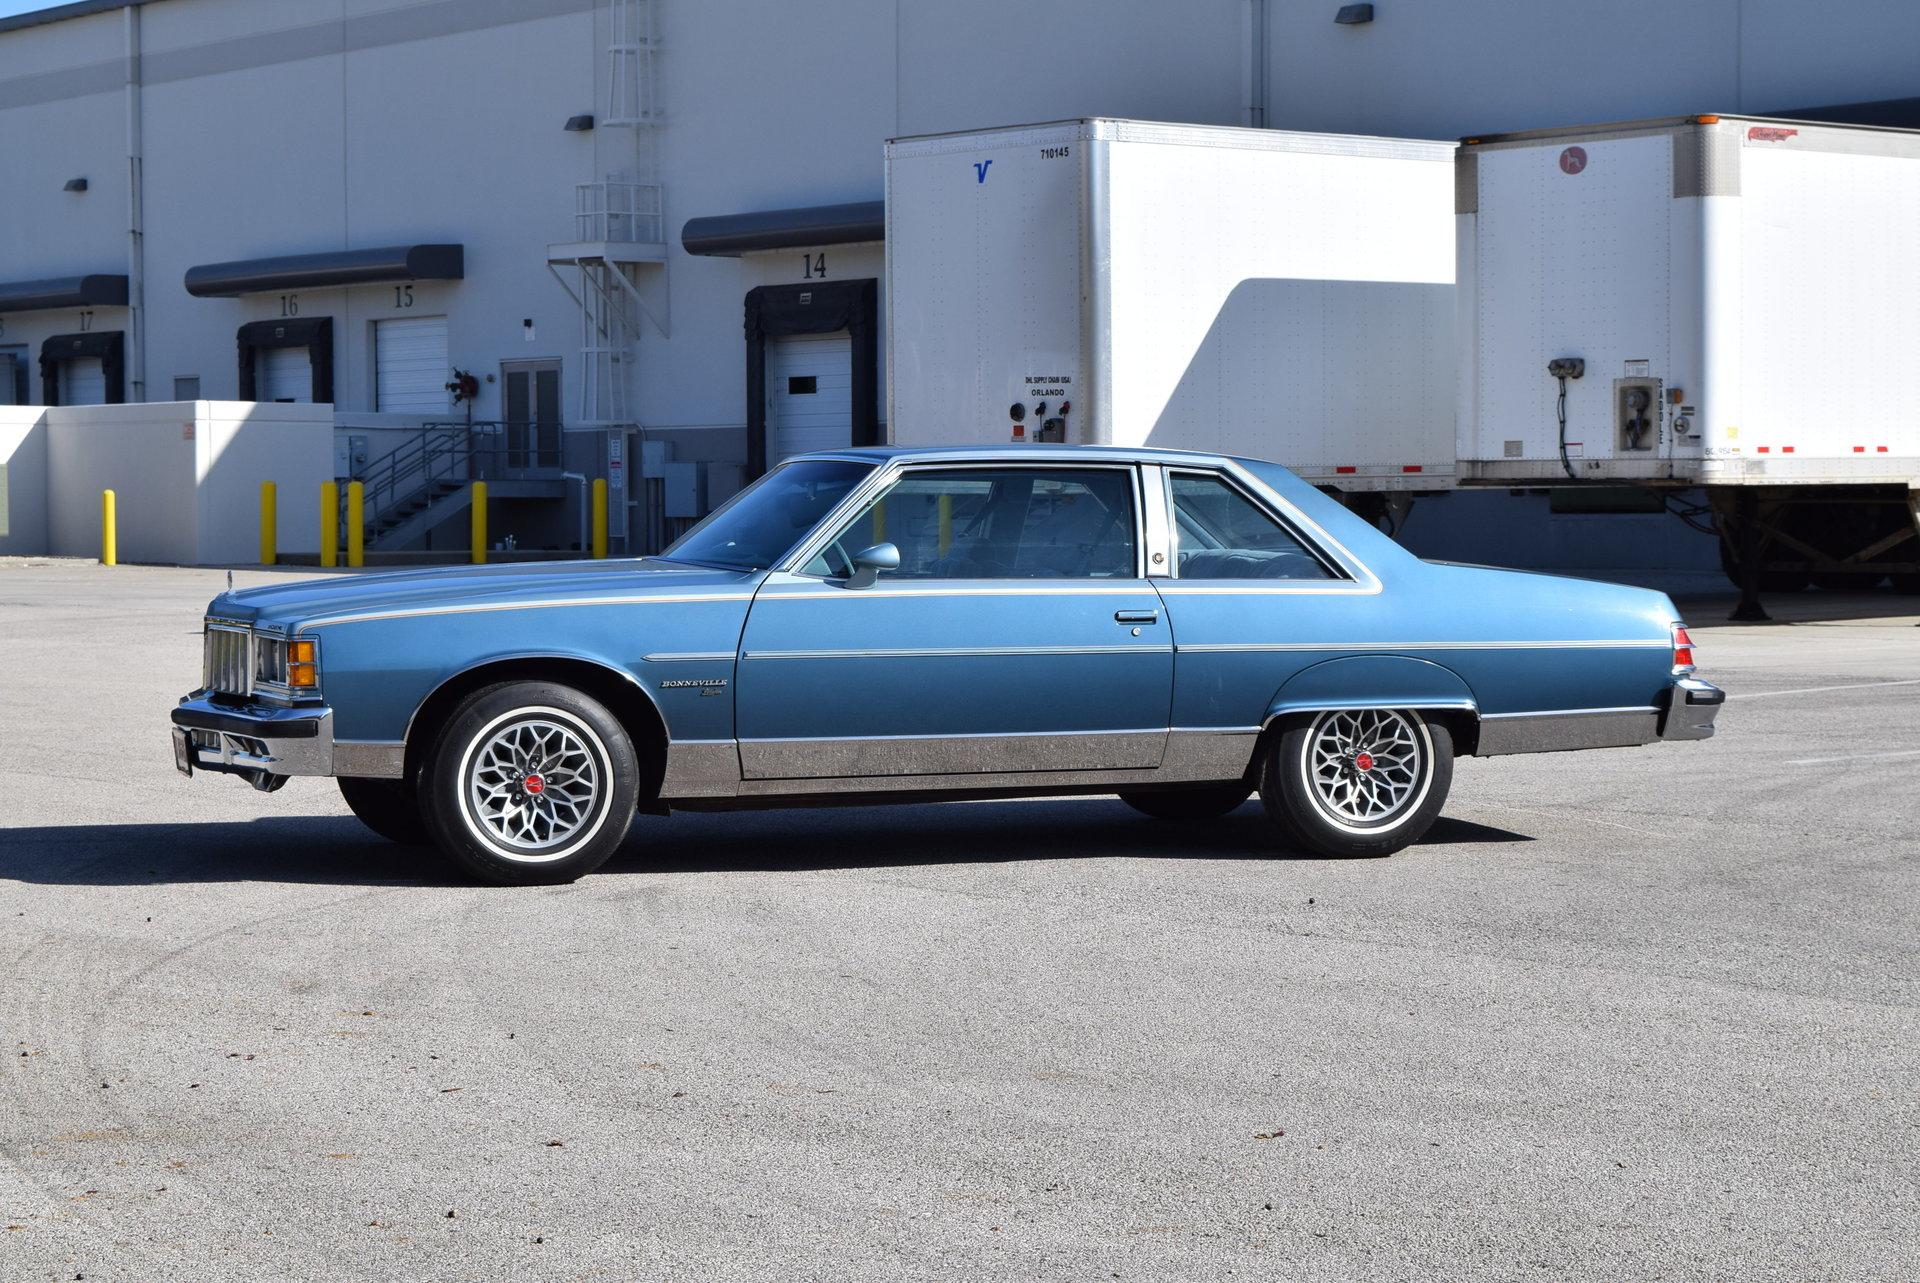 1978 Pontiac Bonneville Brougham for sale #80500 | MCG